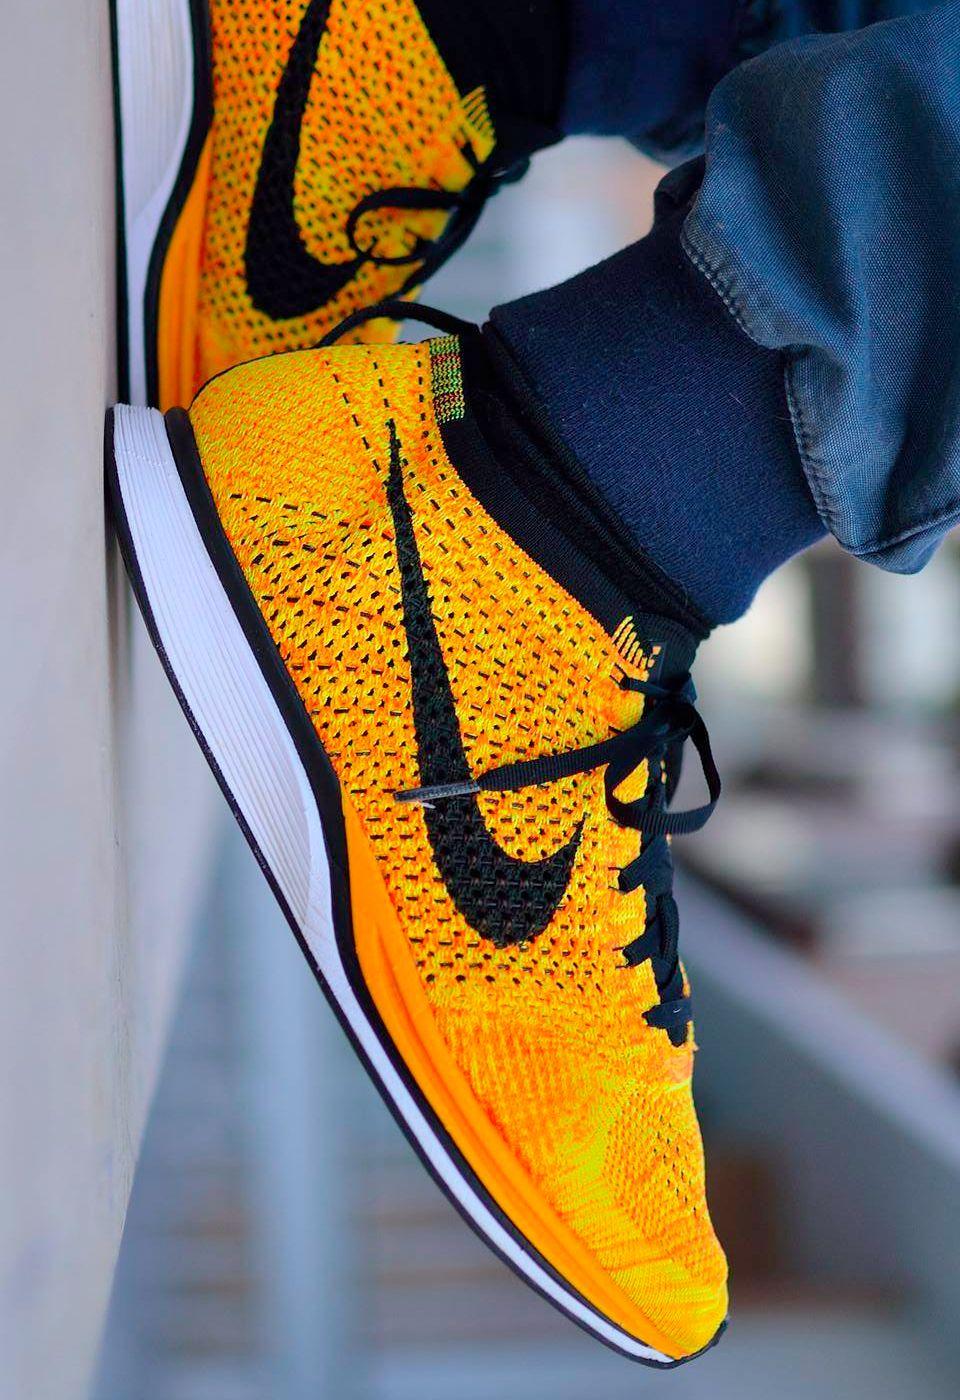 Estable vertical chupar  Rebajas: Zapatillas Nike en oferta hasta 50% | Zapatos mocasines hombre,  Zapatilla para correr, Estilos de moda masculina